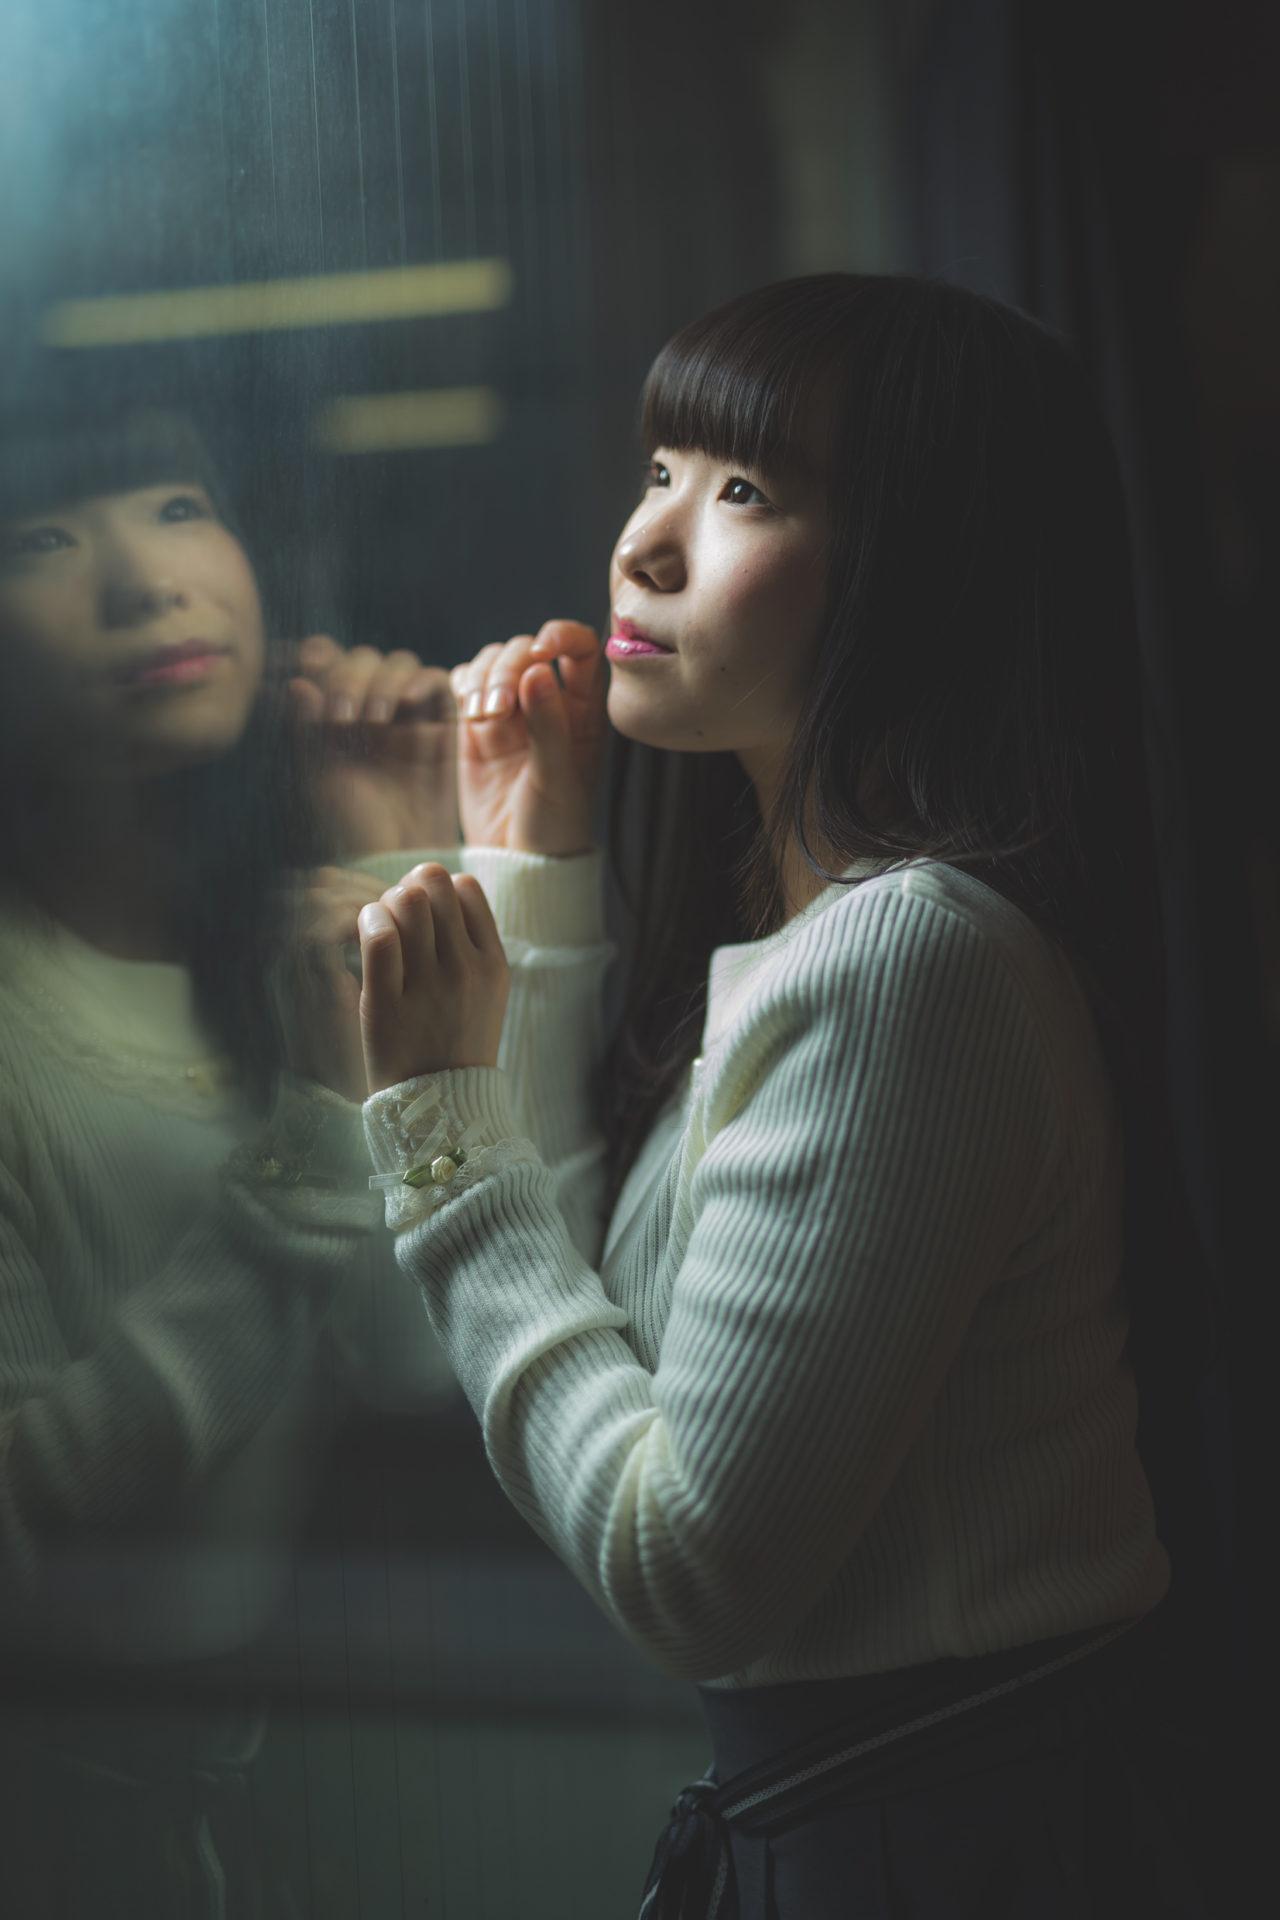 2代目HAPPY少女♪ やよたん ( 鈴木やよい ) | モデルプロ事務所撮影会